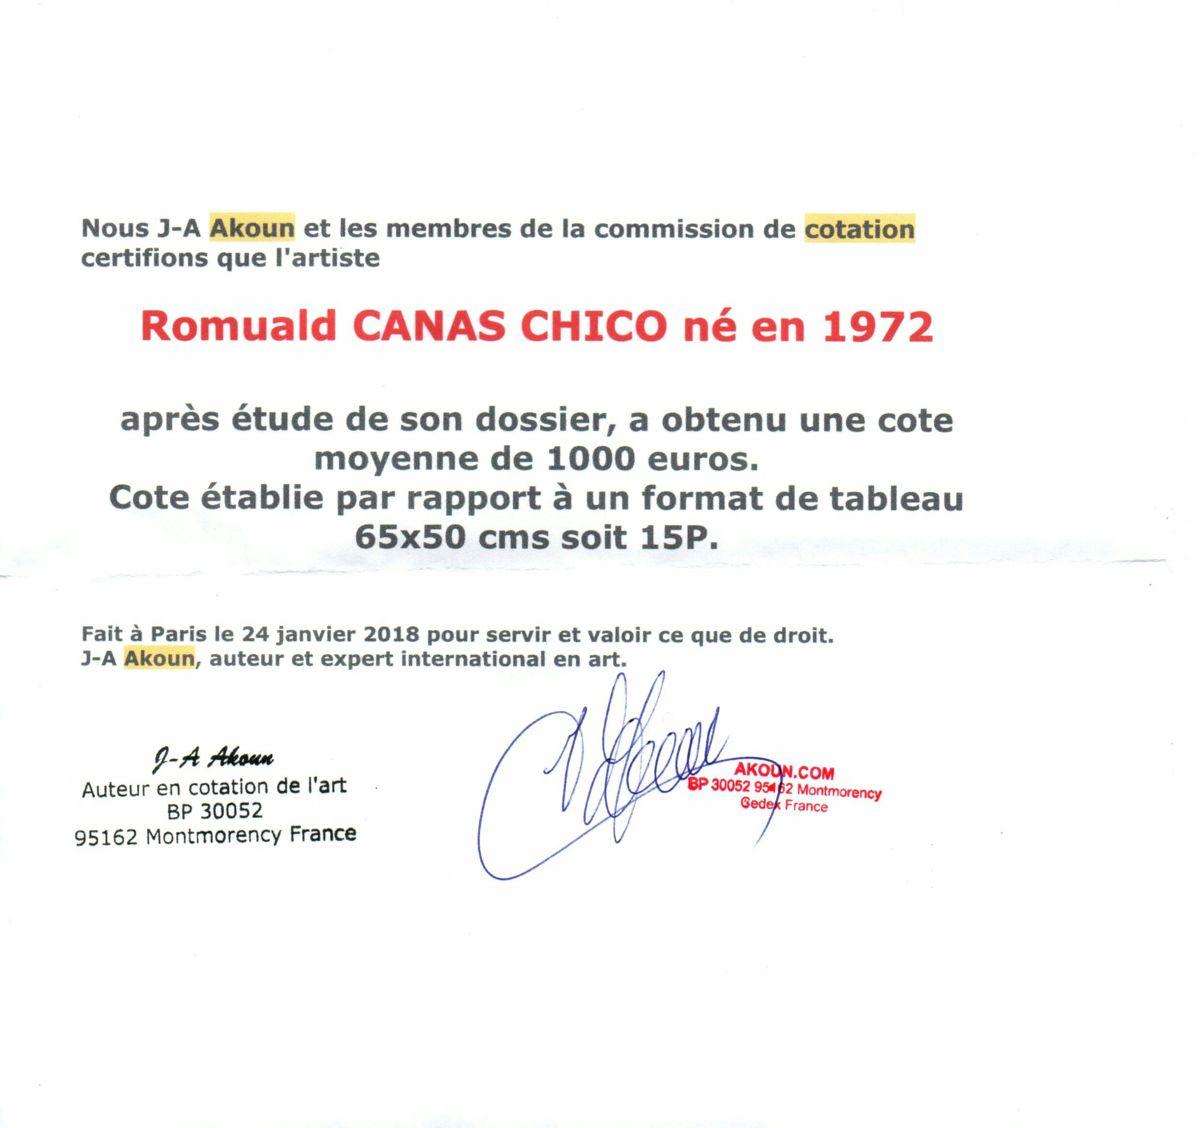 Certificat de cotation Akoun